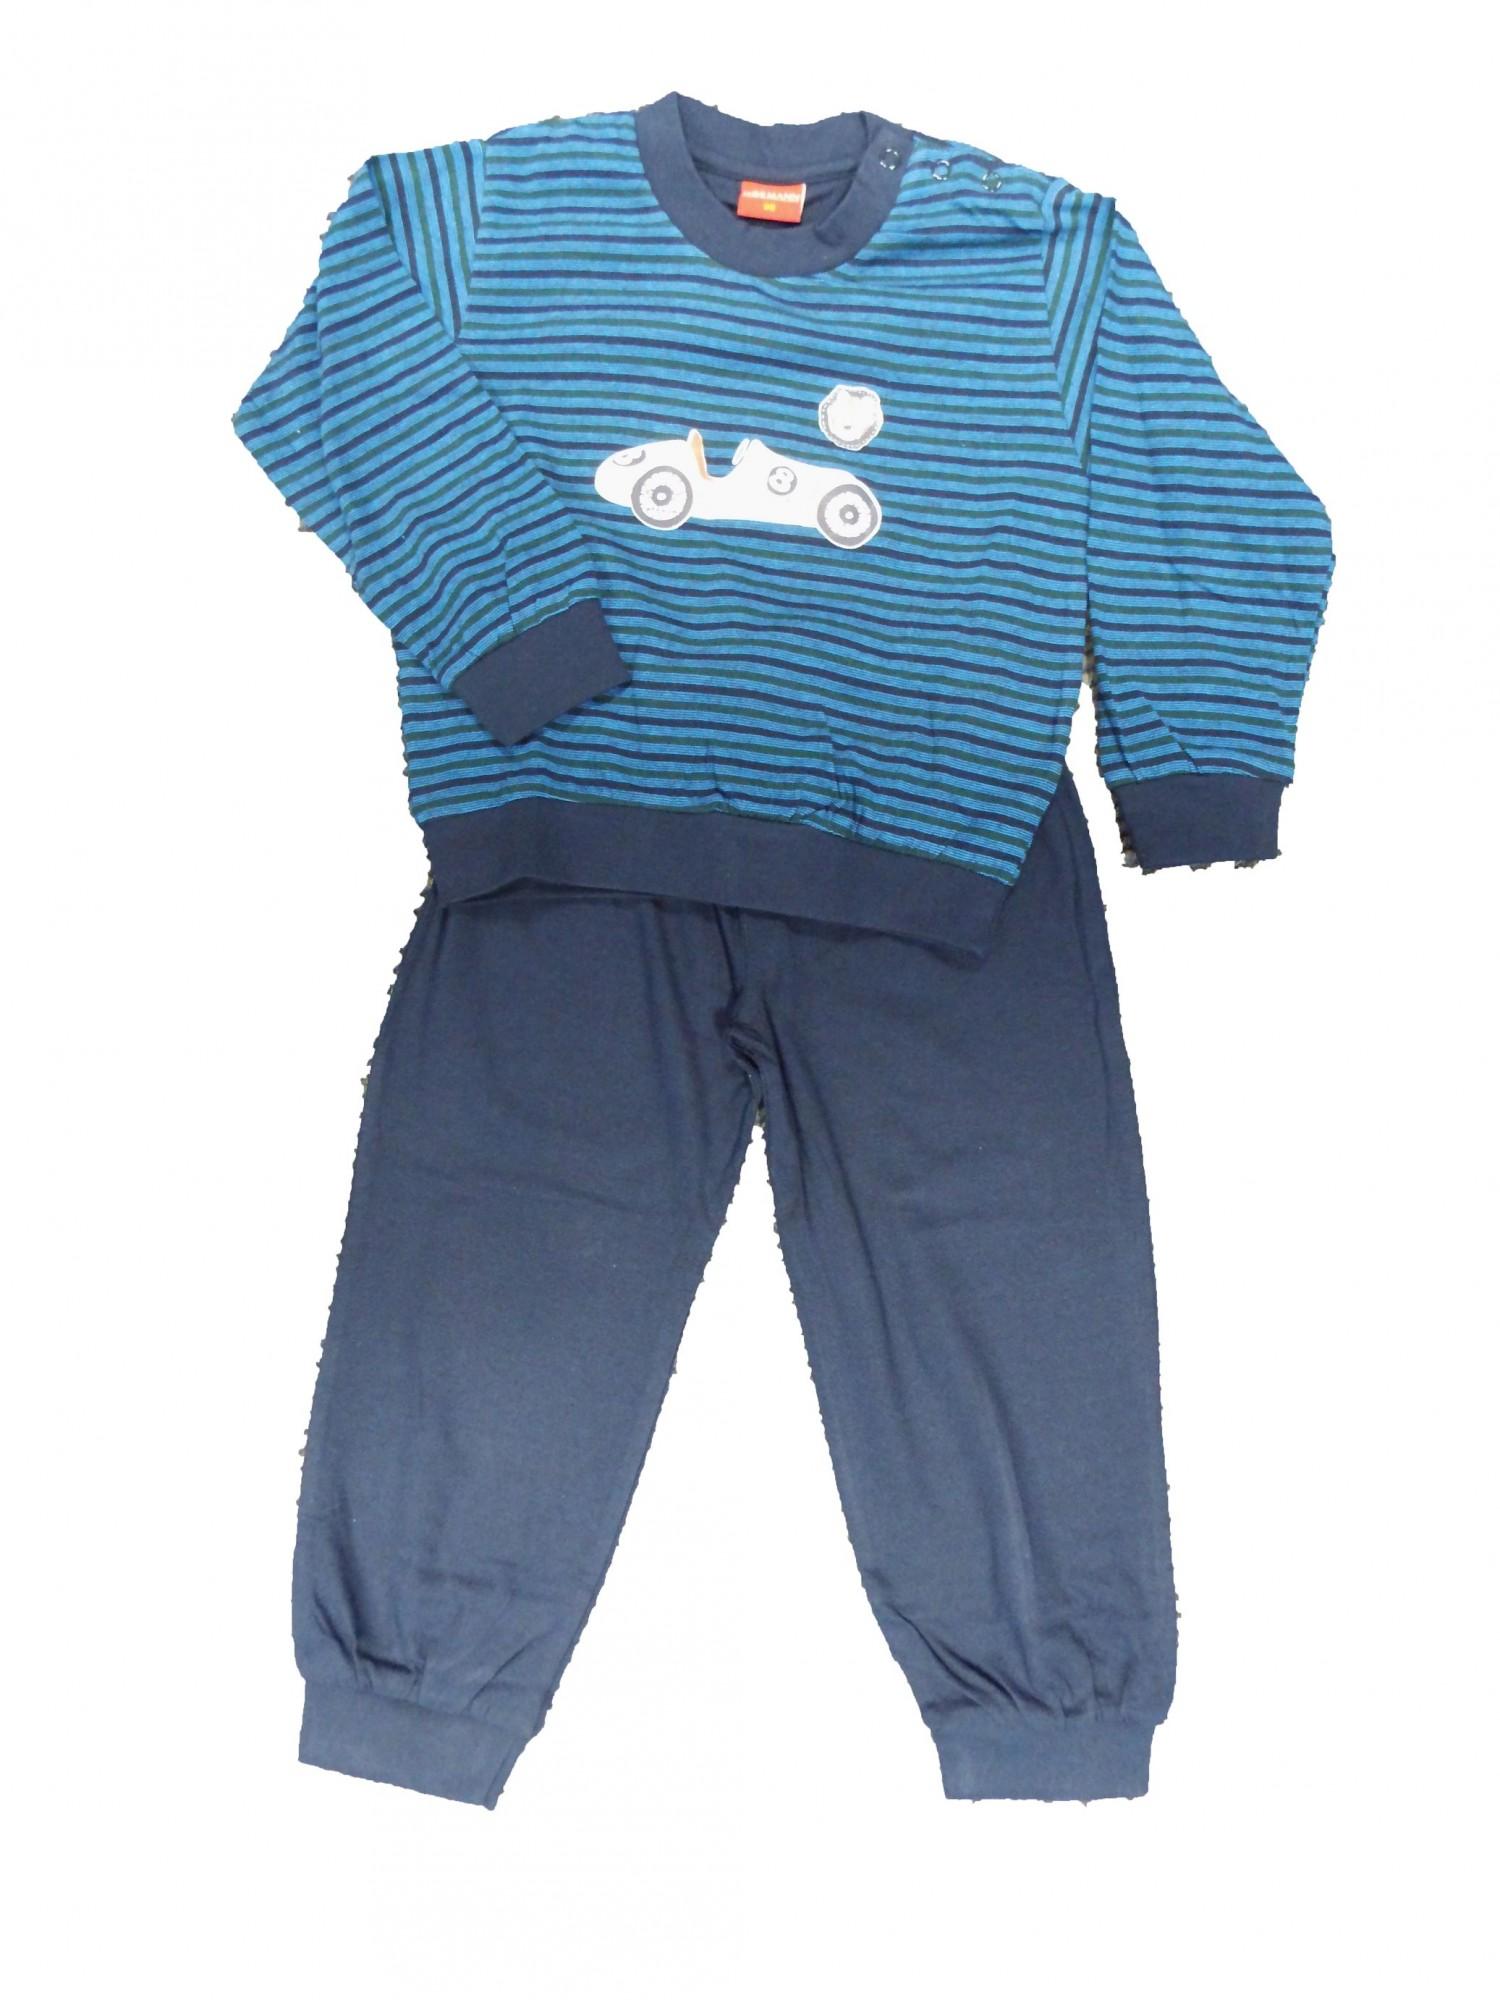 Jungen Kleinkinder Pyjama mit Bündchen, 801 90 700